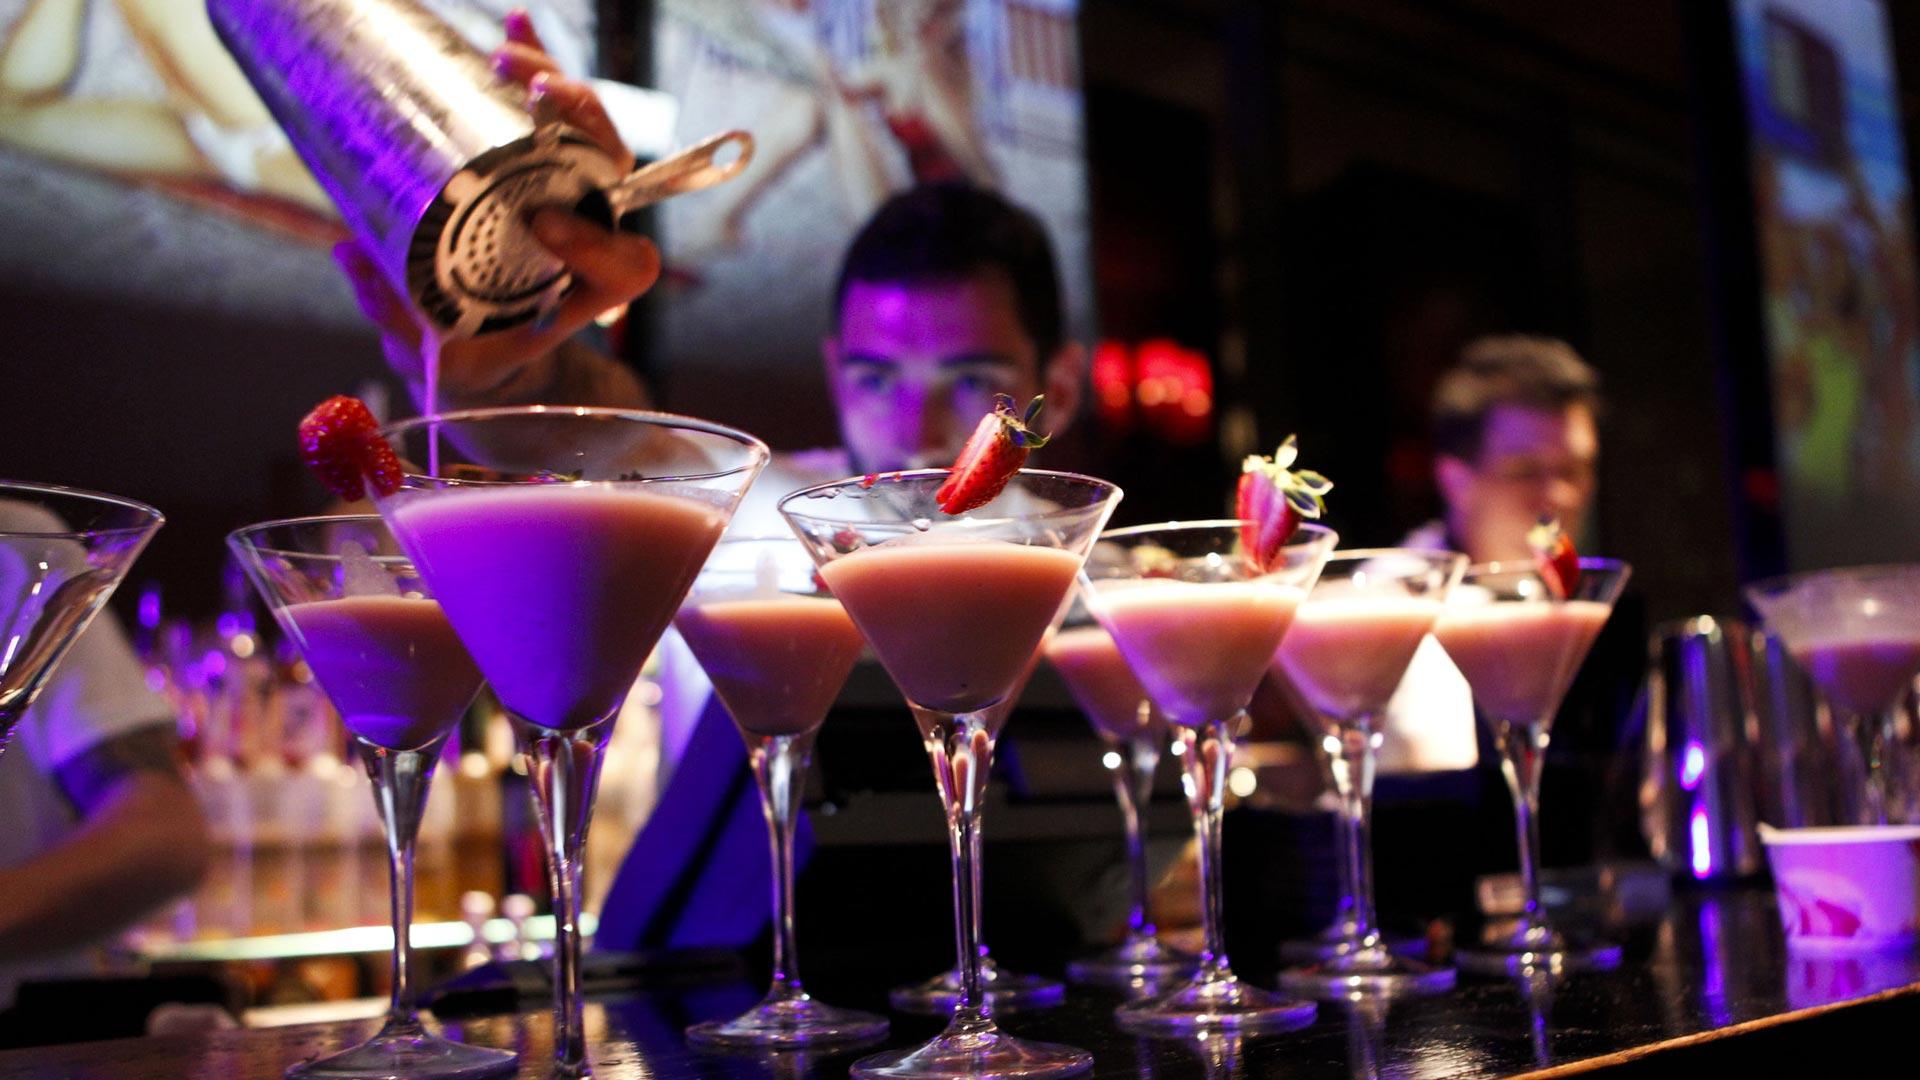 узбекистане все в кафе пью коктейль фото сожалению